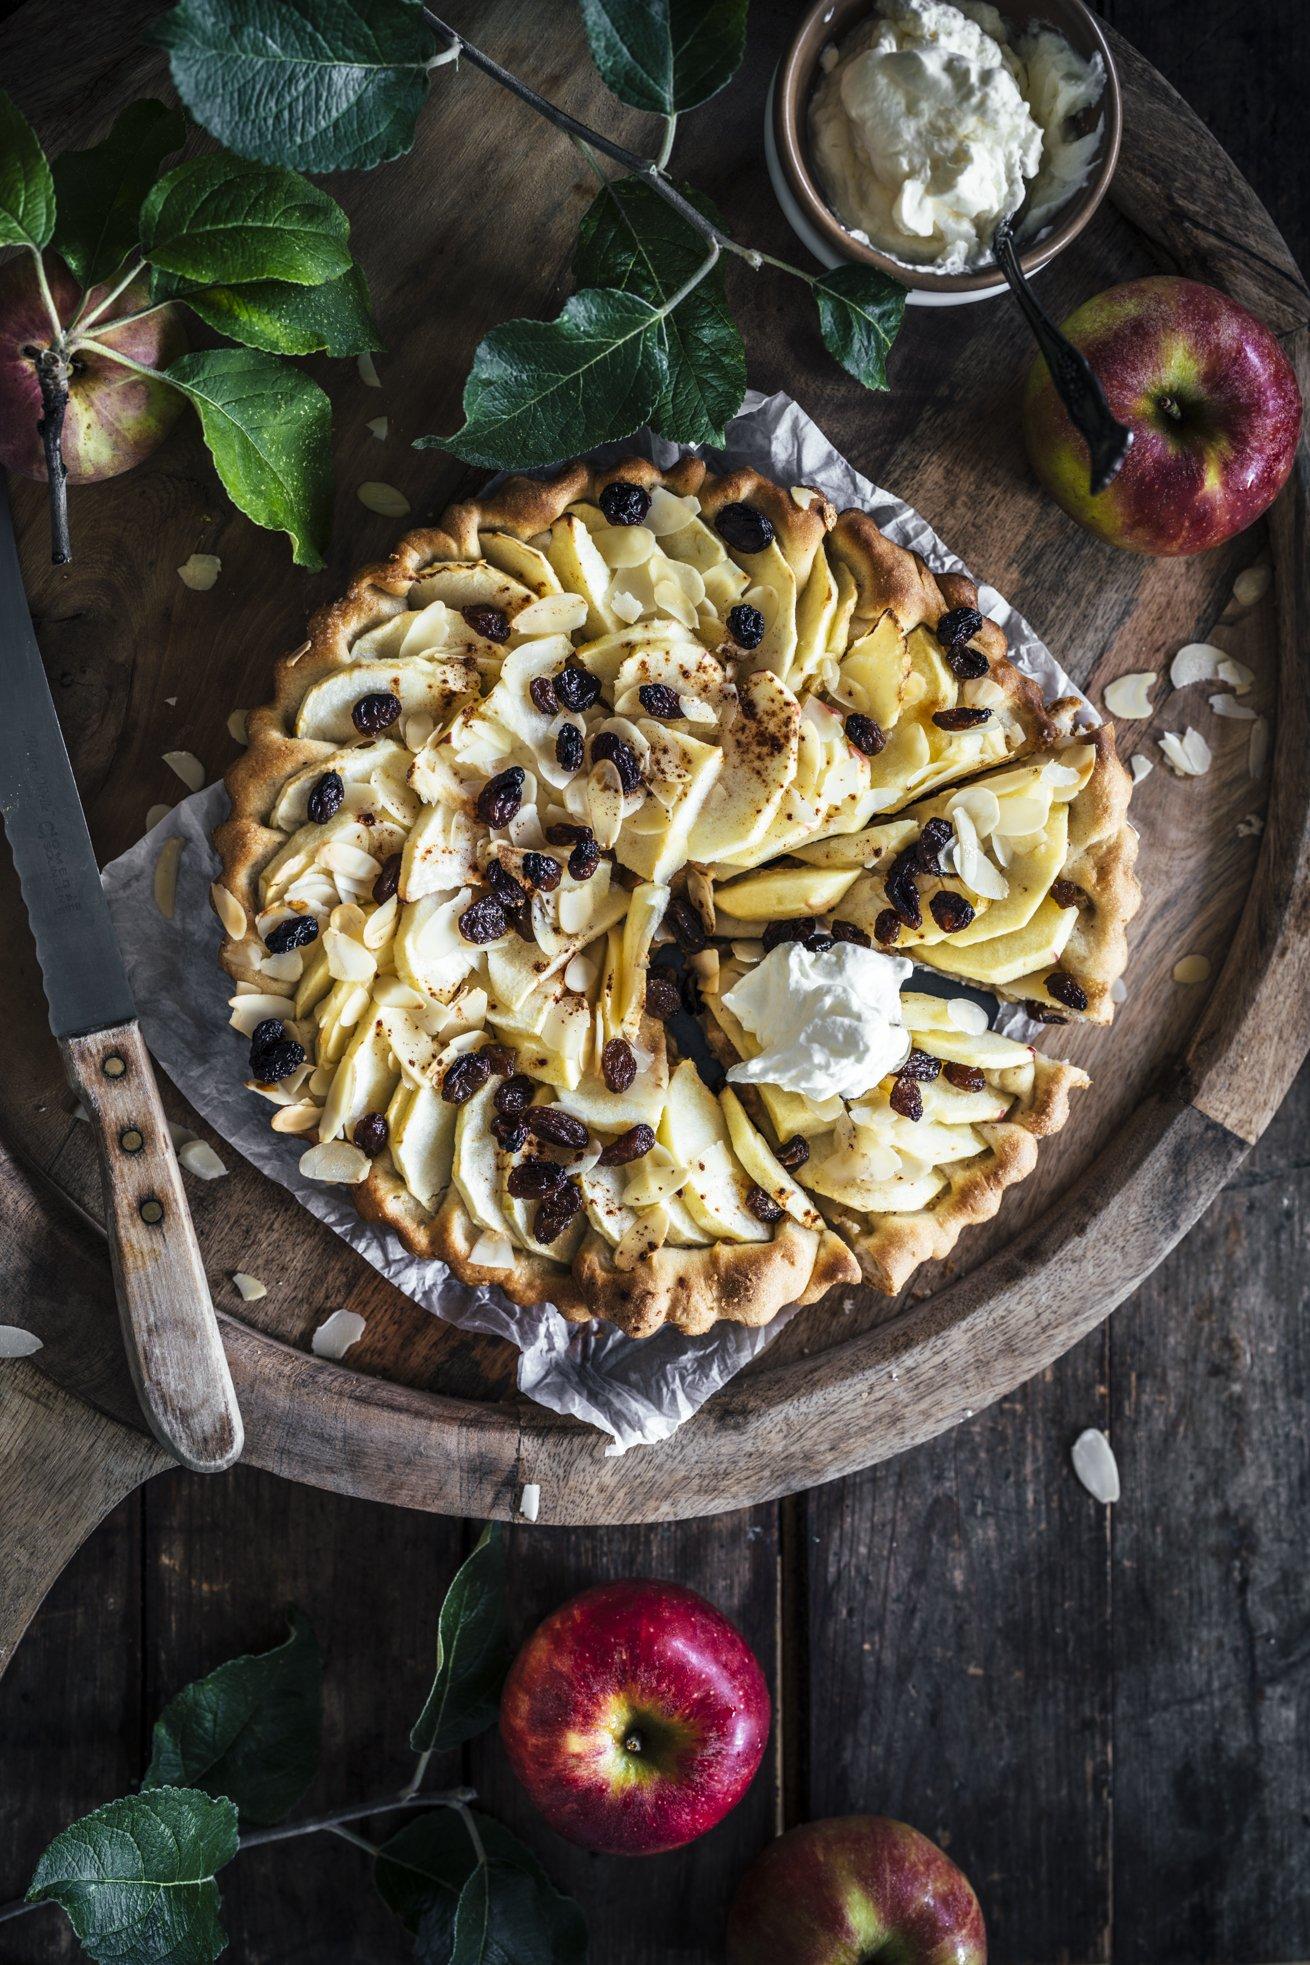 Bester Apfelkuchen mit Hefeteig und Rum Rosinen - einfaches Rezept